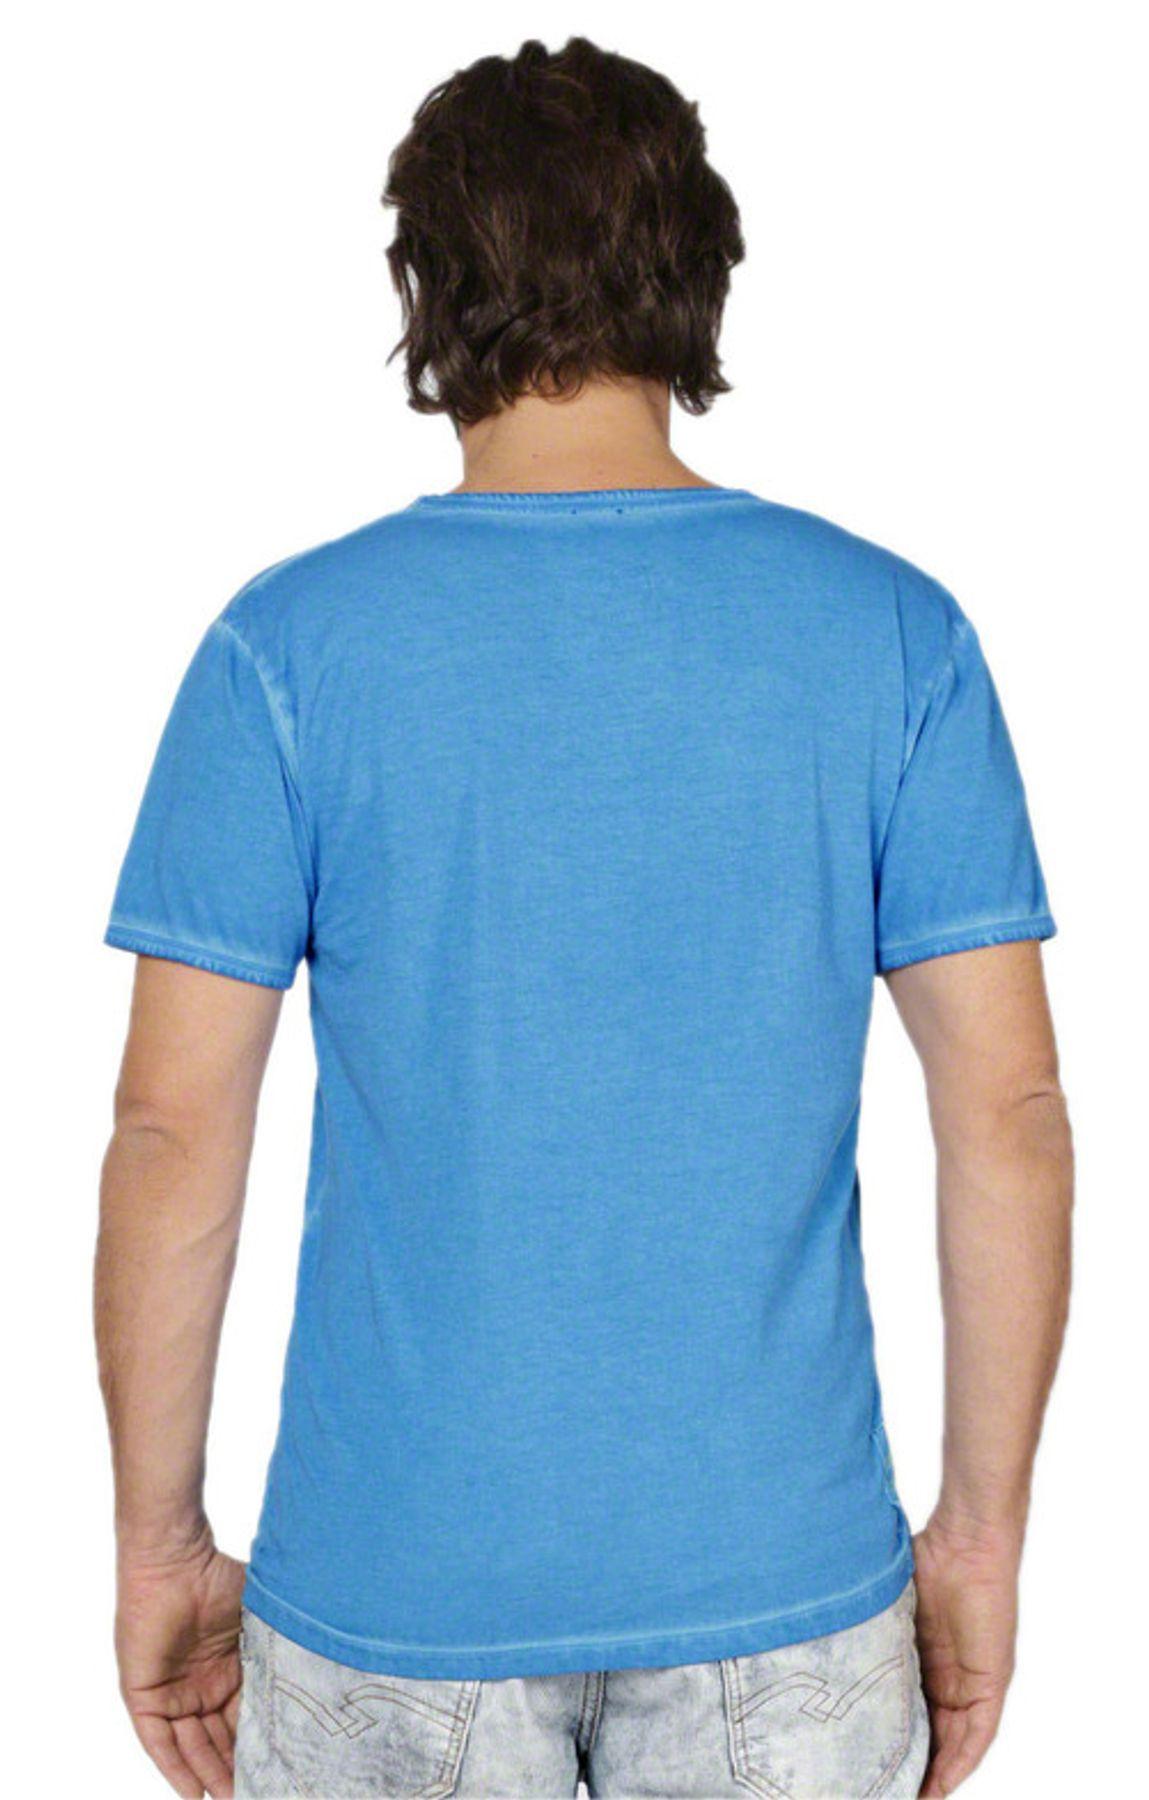 Stockerpoint - Herren Trachten T-Shirt, Falko – Bild 6